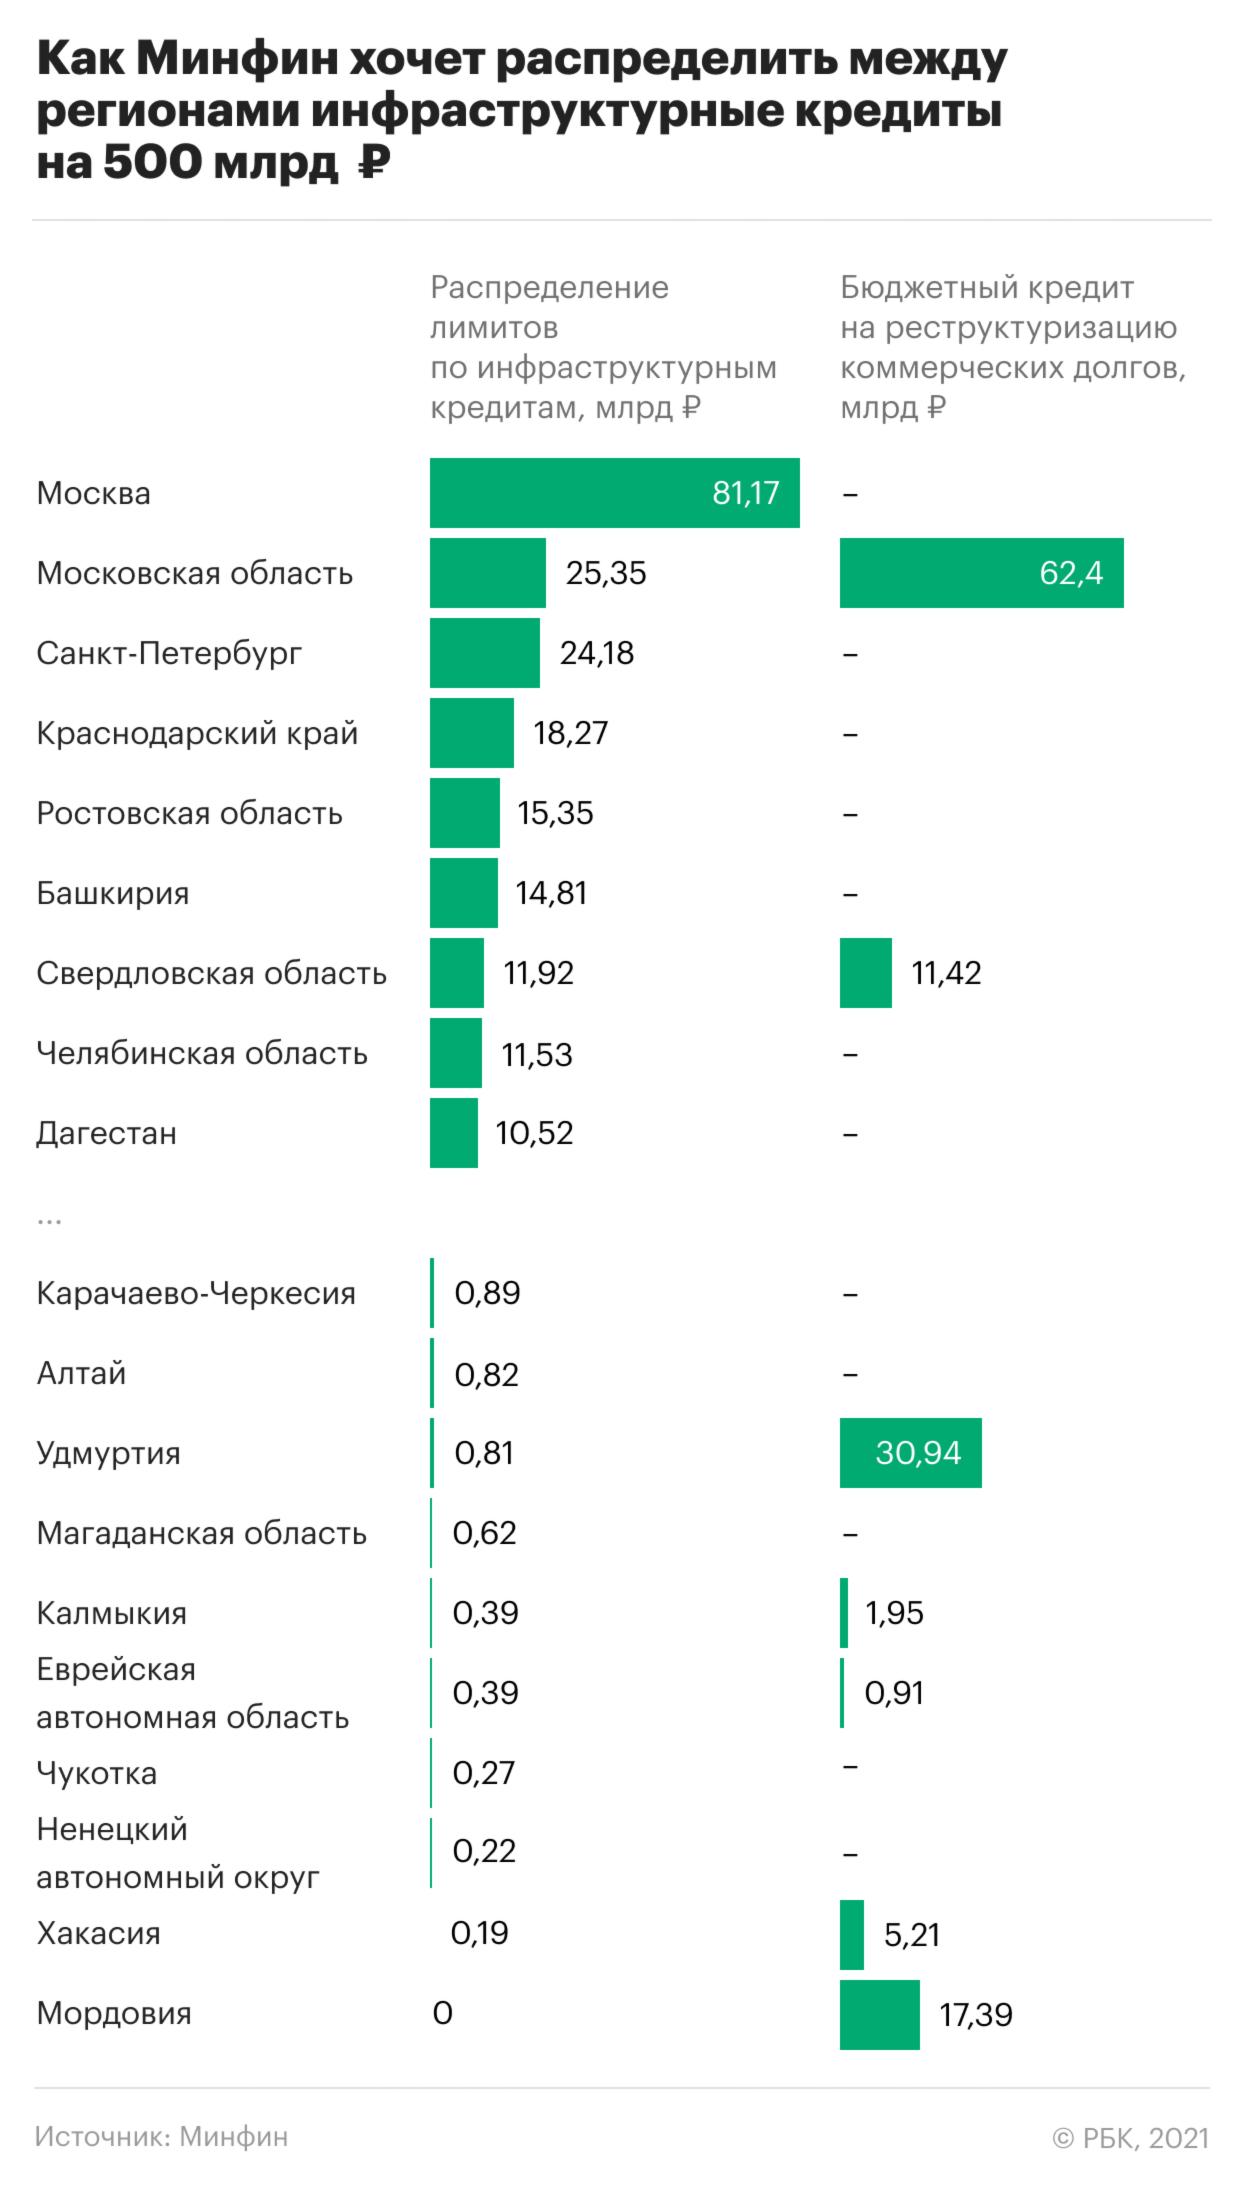 Какие регионы получат миллиарды рублей на инфраструктуру. Инфографика